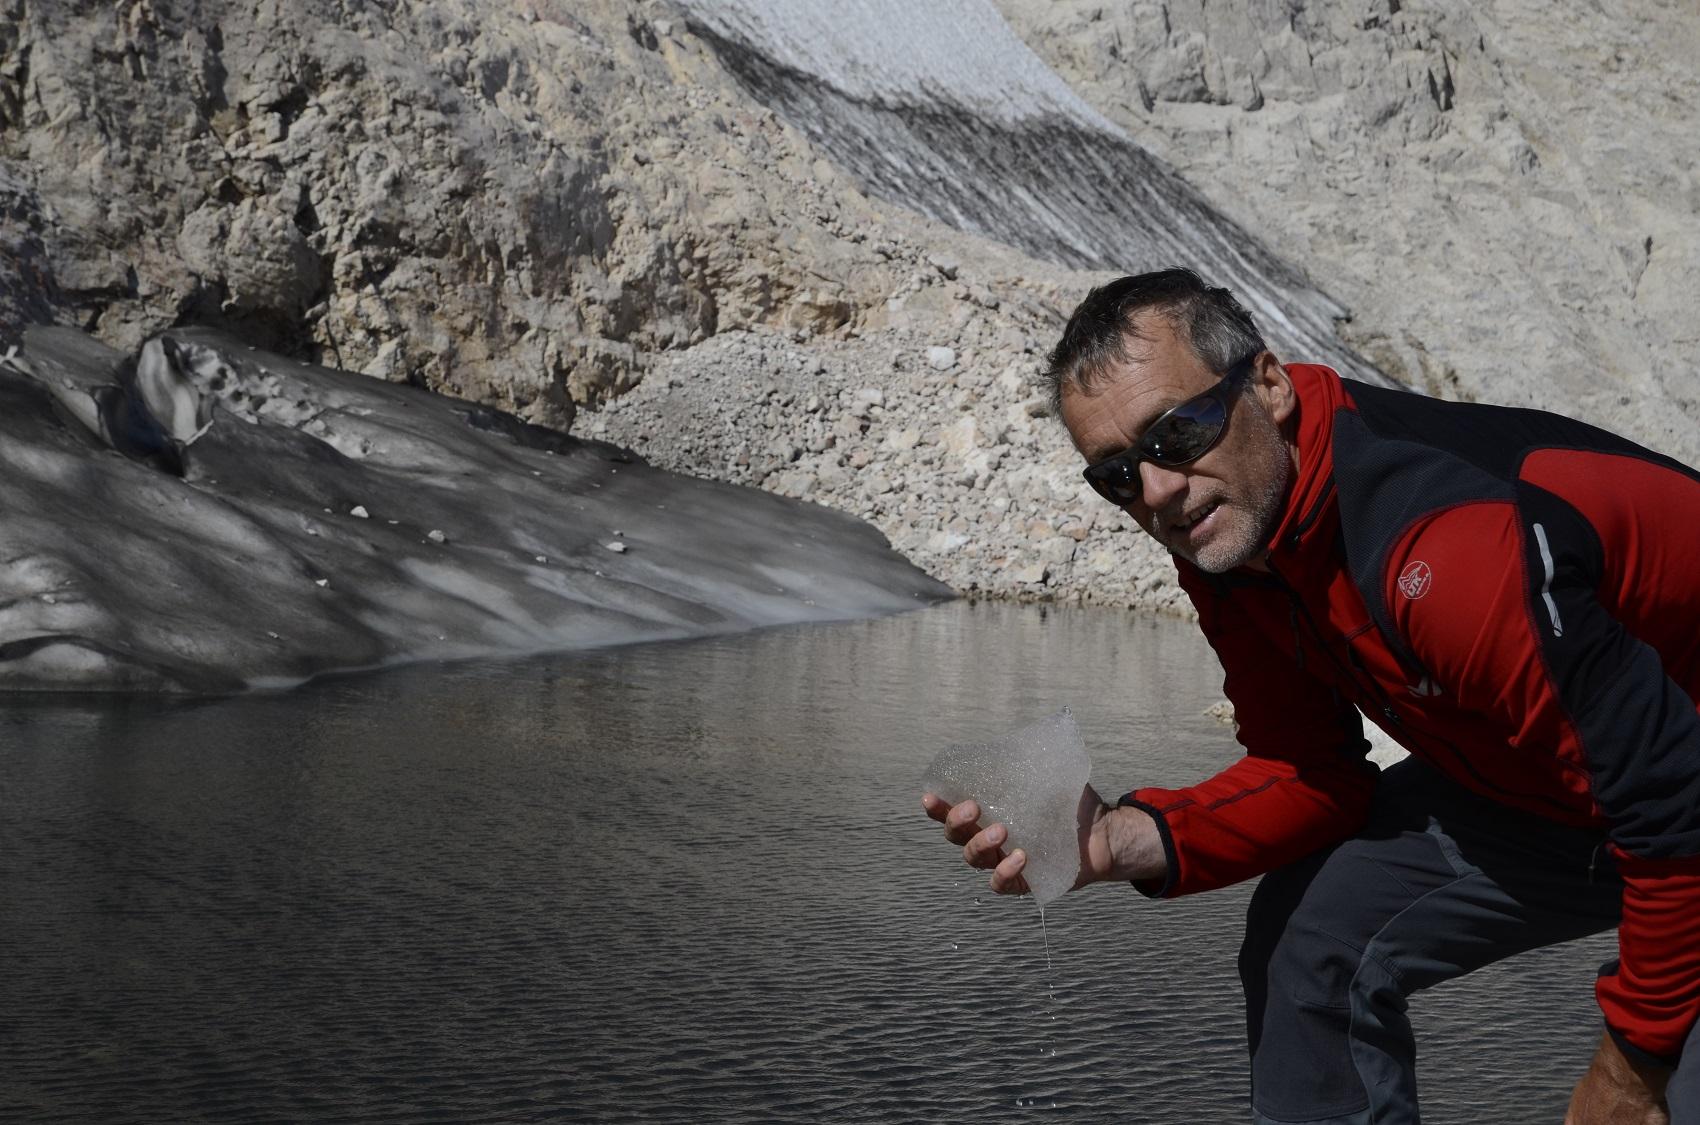 miha_pavsek_triglavski_ledenik_foto_ales_smrekar